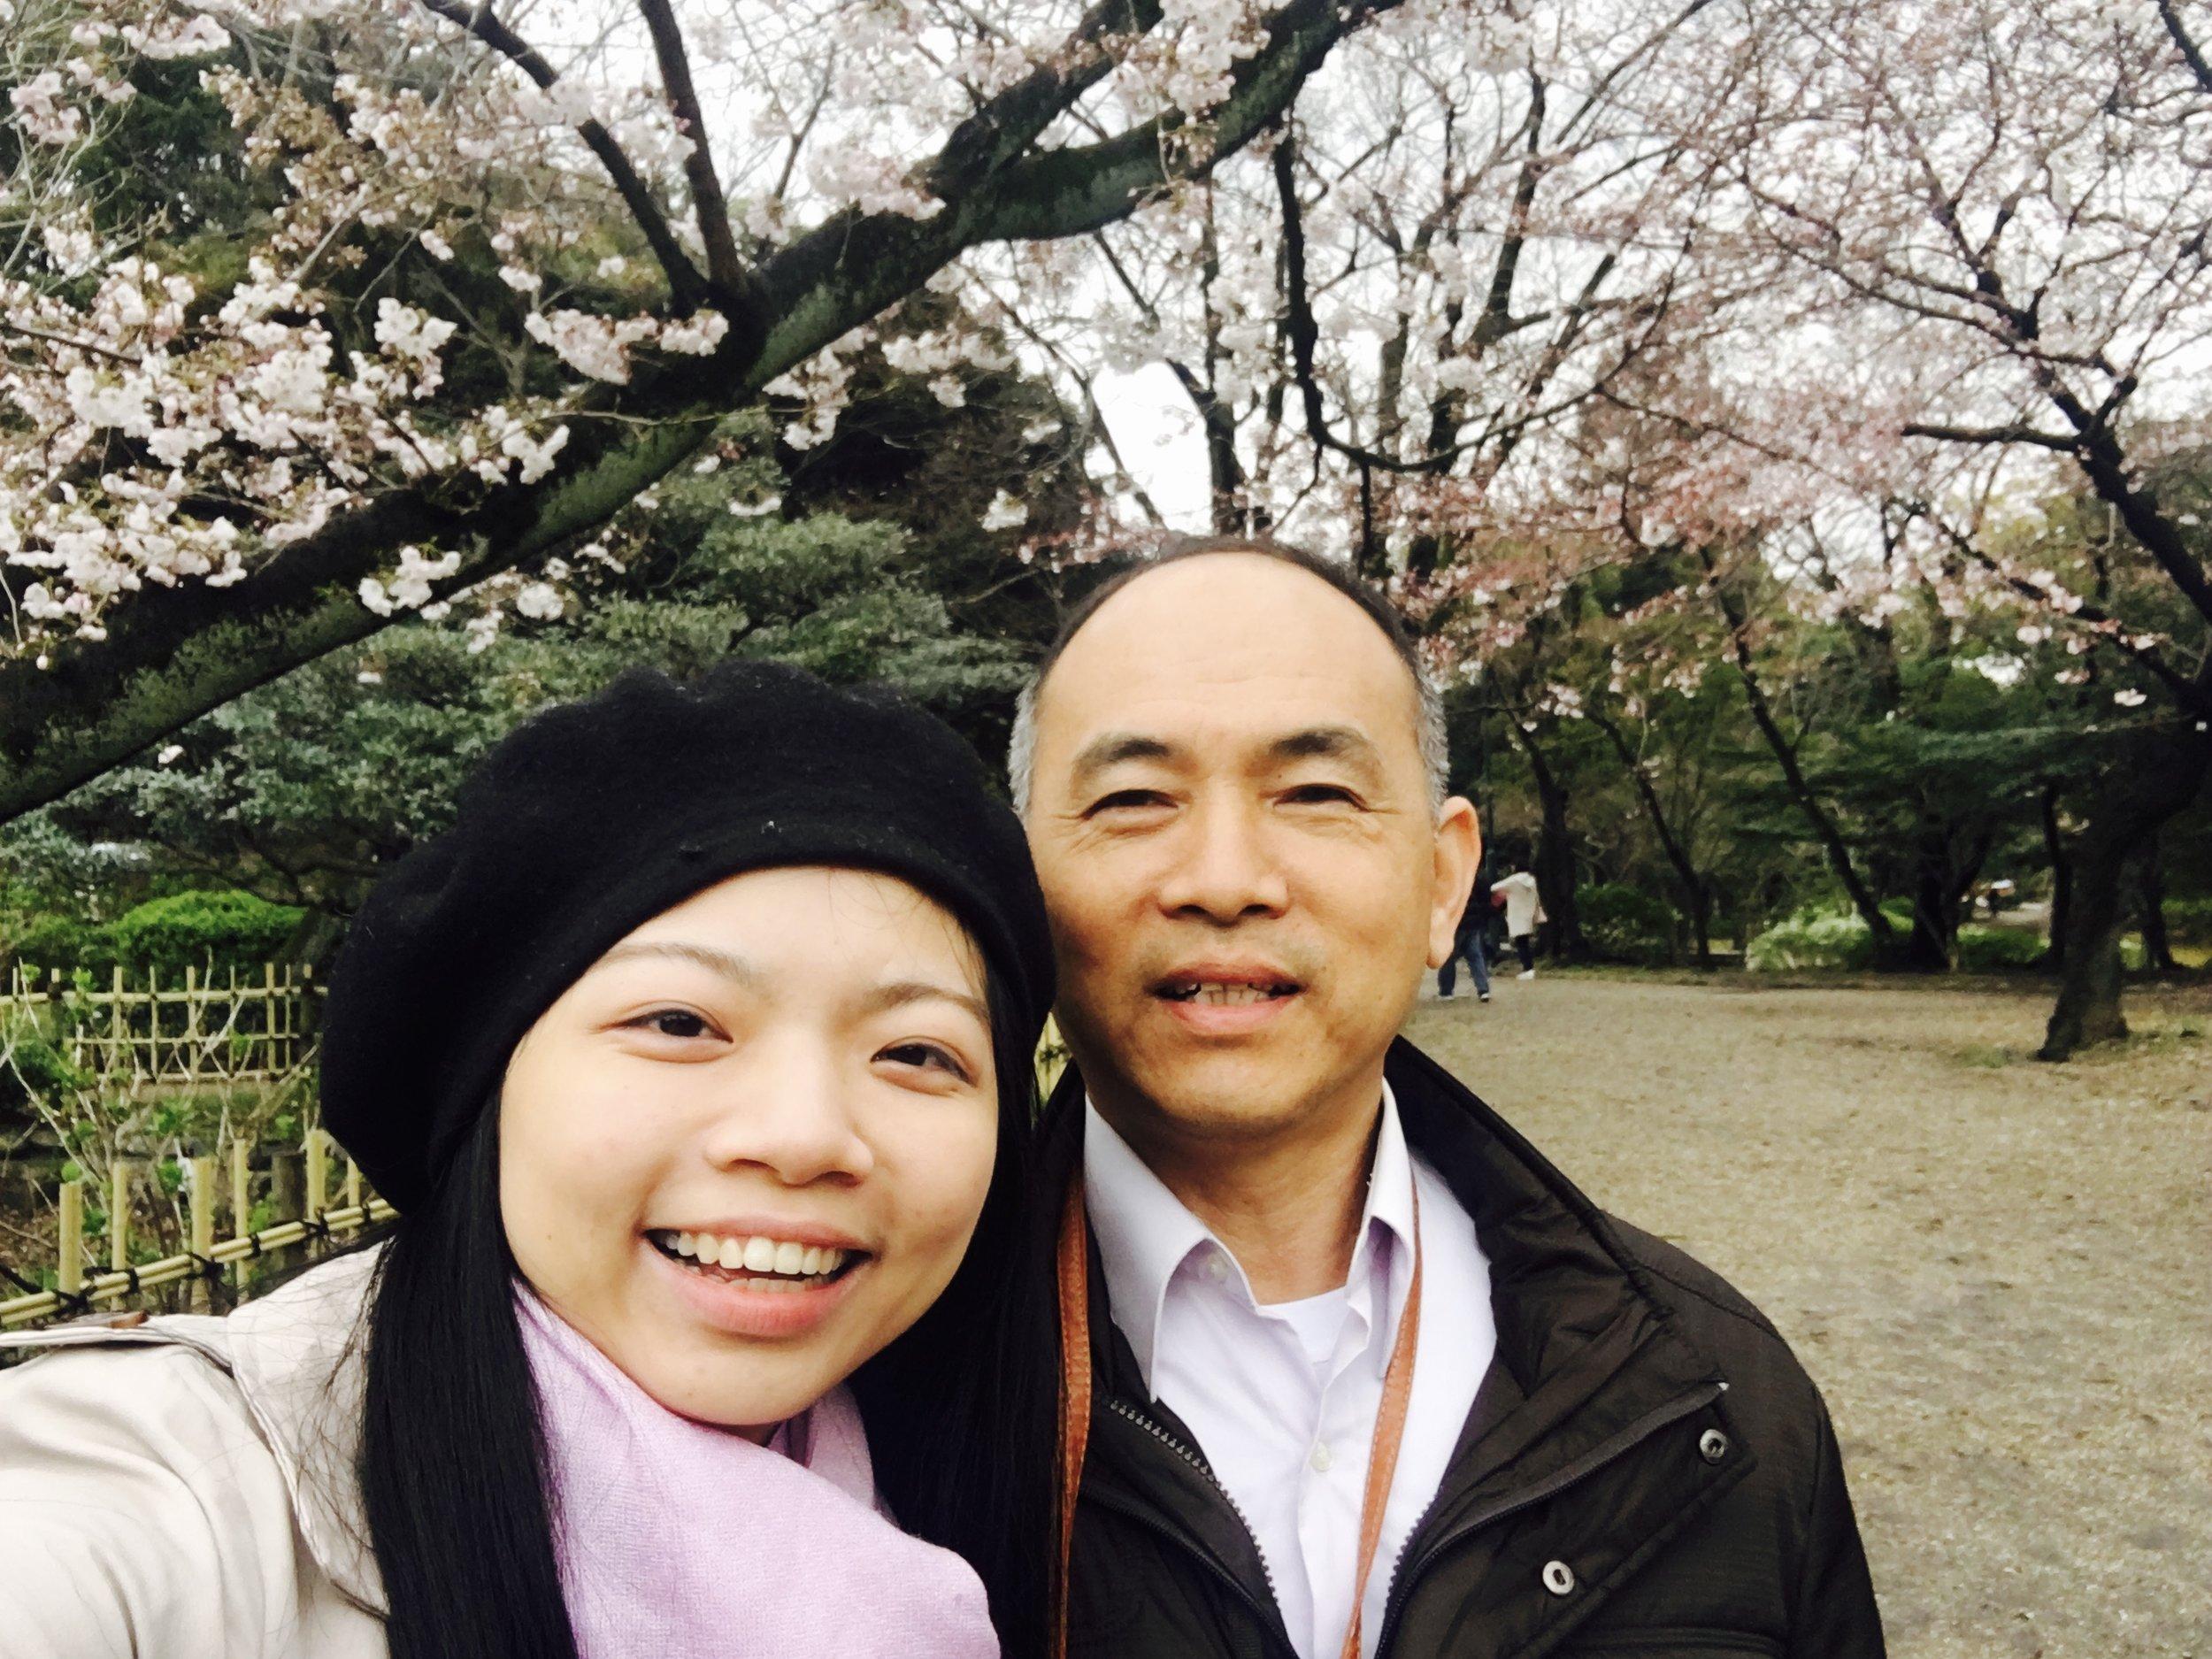 爸爸偶而會碎念自己的臉怎麼拍起來這麼圓,我就只好自告奮勇地拉近自己跟相機鏡頭的距離,所以爸爸的臉拍起來相對的小!